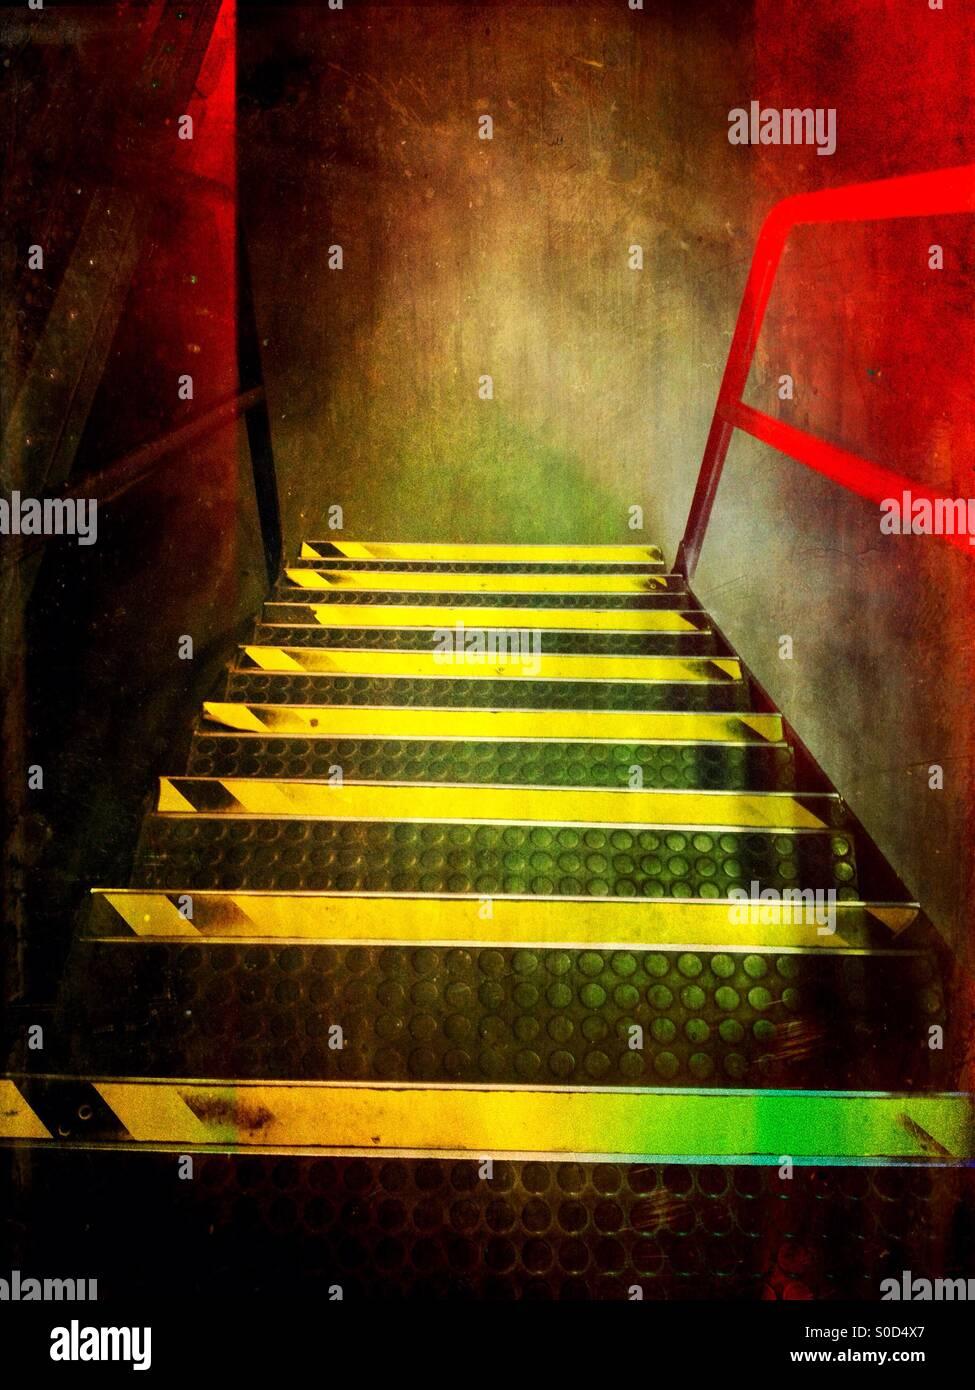 Treppe mit Gefahr Streifen auf Stockbild